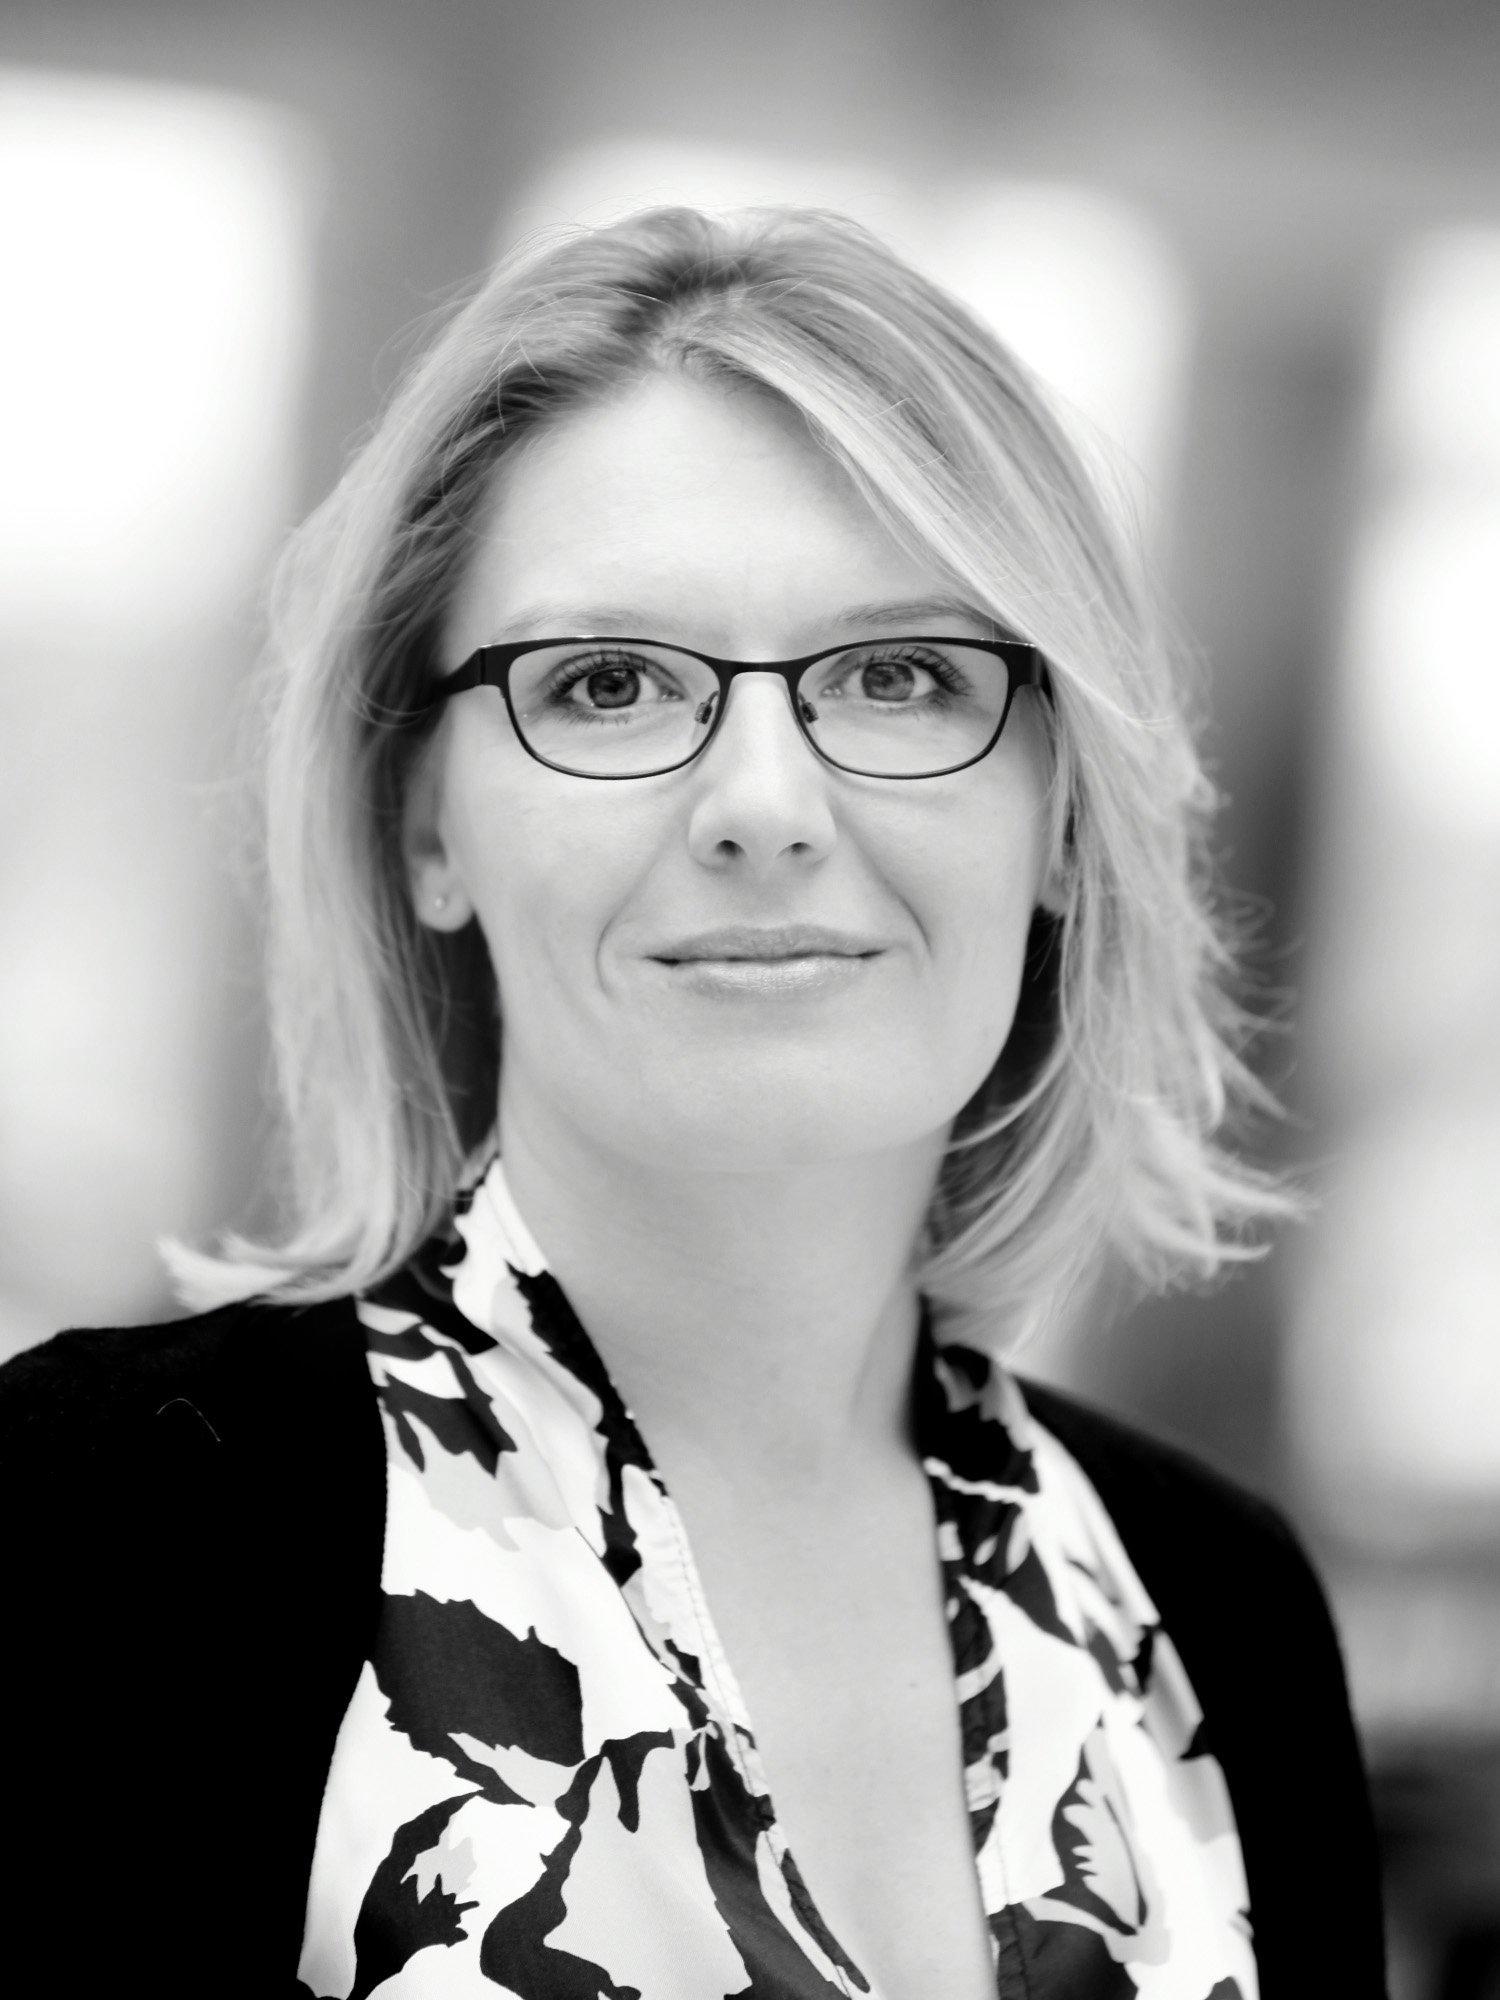 Agata Mathiasen bw